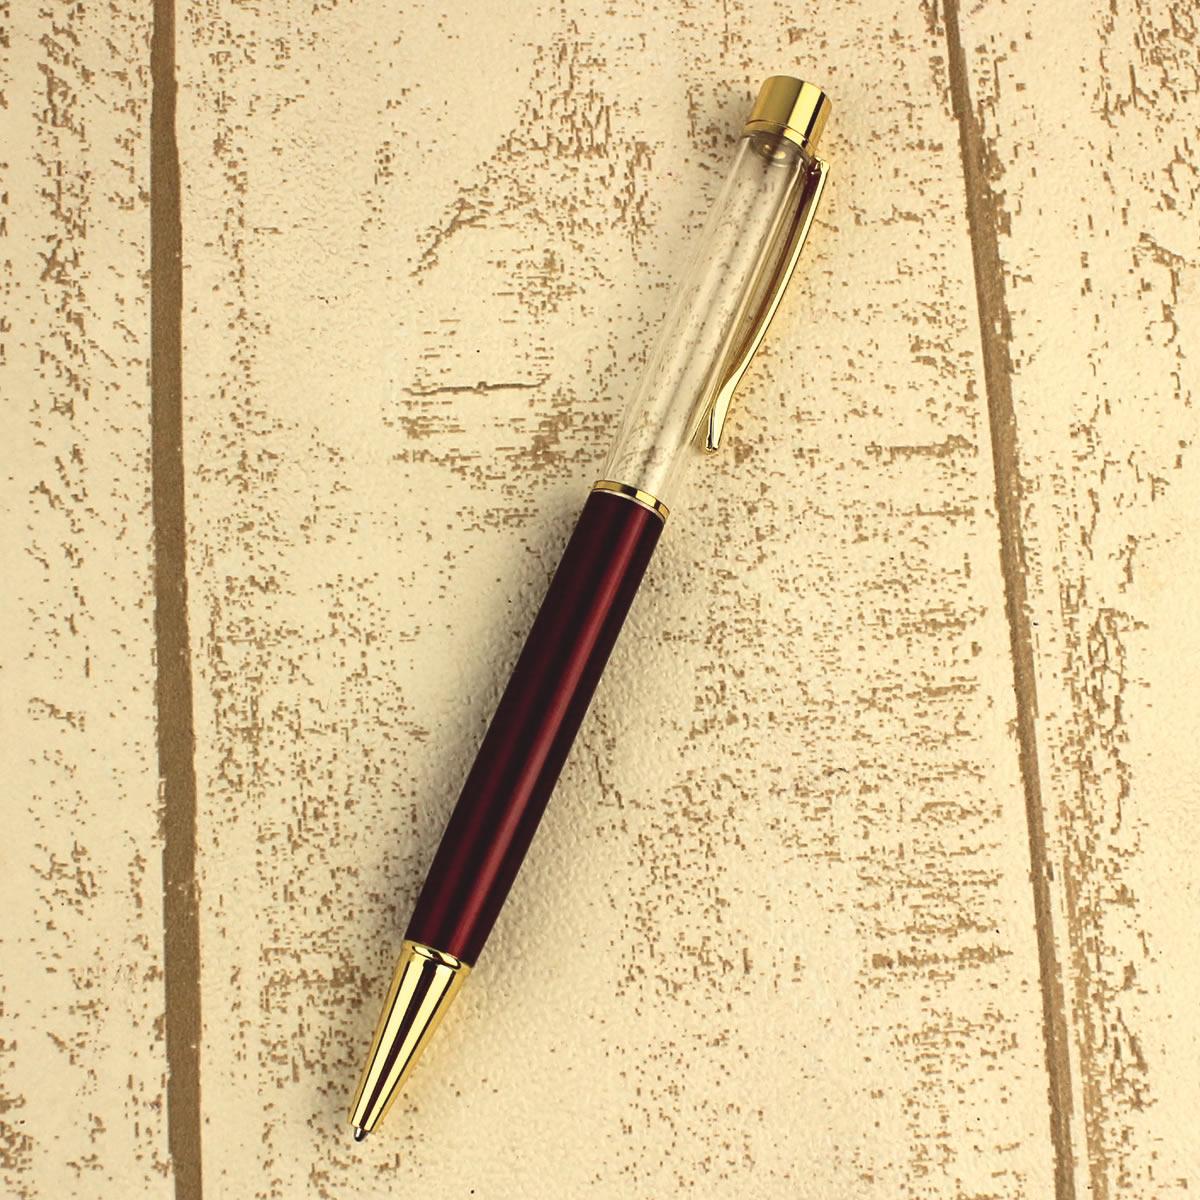 ハーバリウム ボールペン ボールペン 手作り 材料 即日 ハーバリウムボールペン(金クリップ) ワインレッド ハーバリウム ボールペン ボールペン 手作り 材料